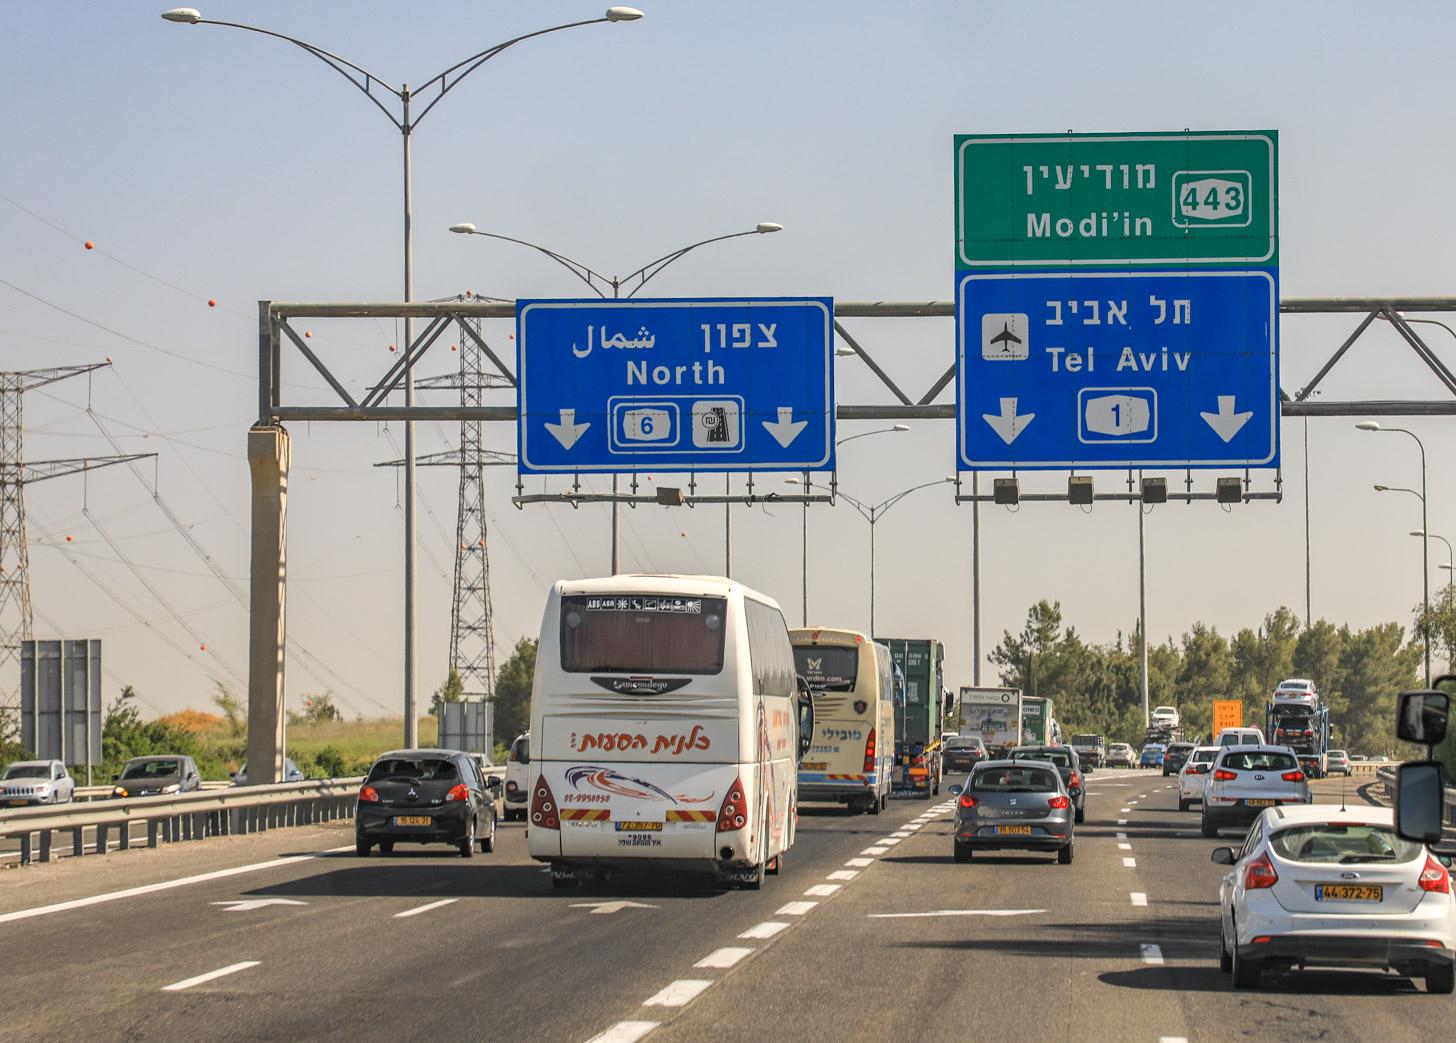 naar Tel Aviv reizen